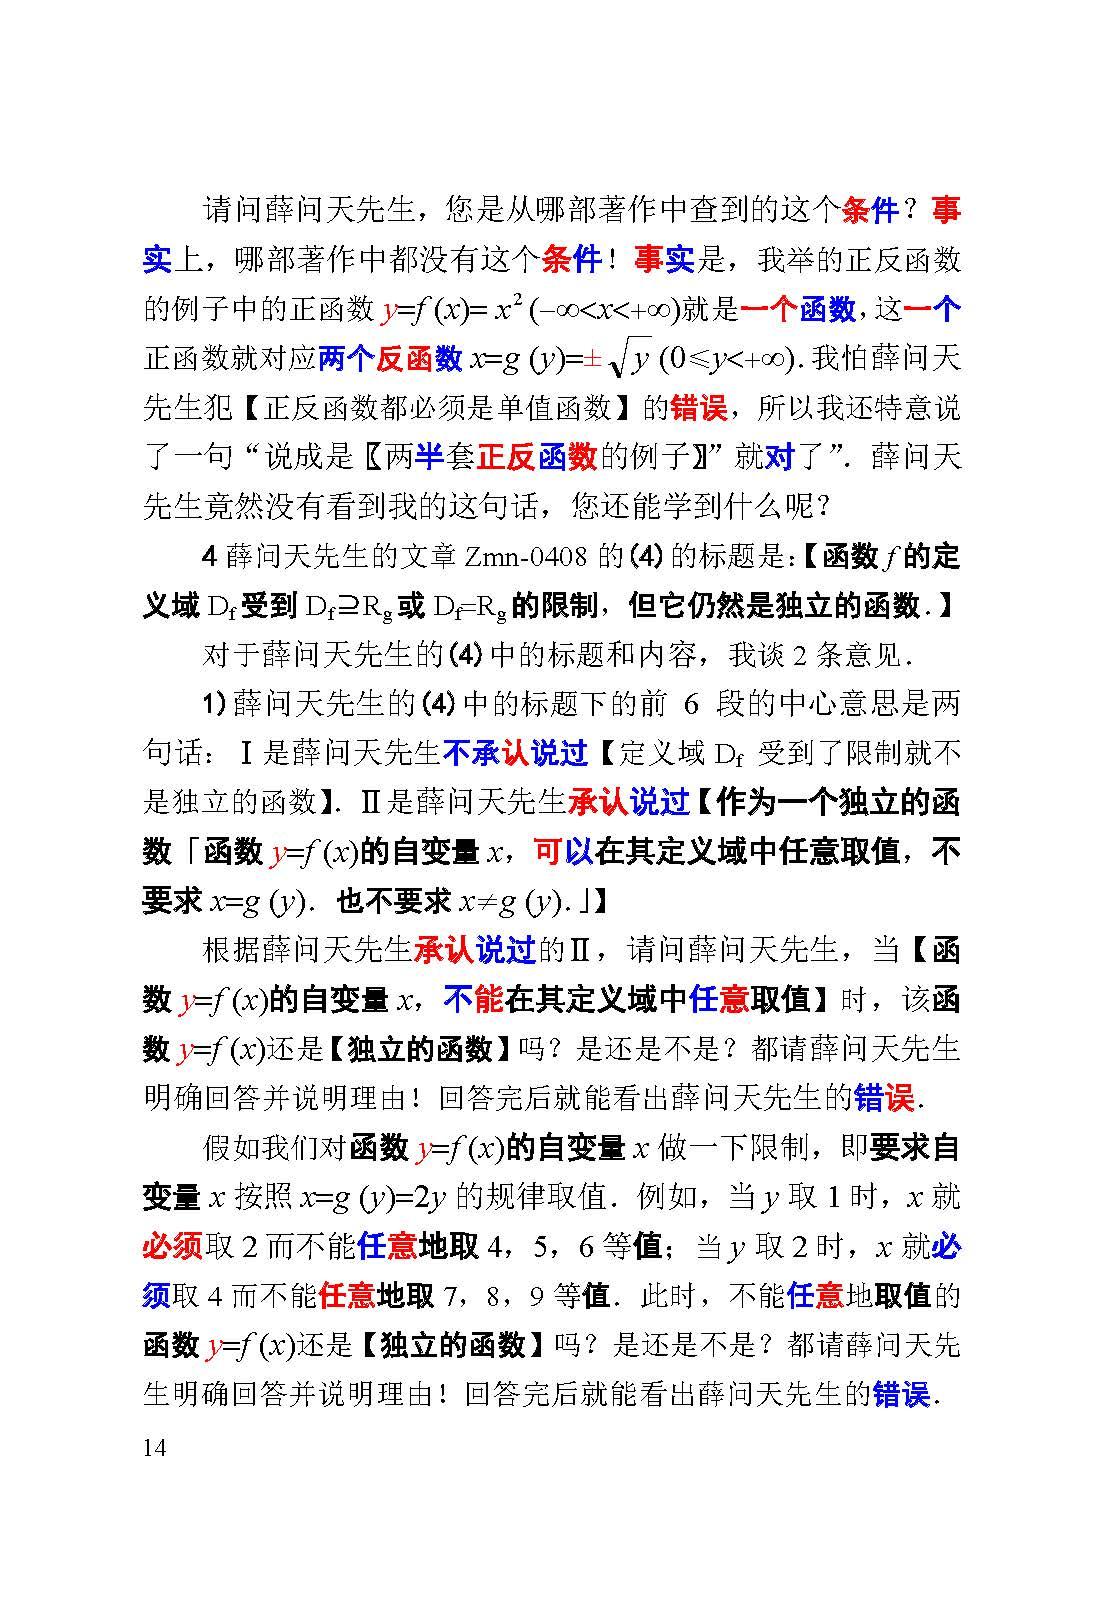 评薛问天先生的文章0408_页面_14.jpg